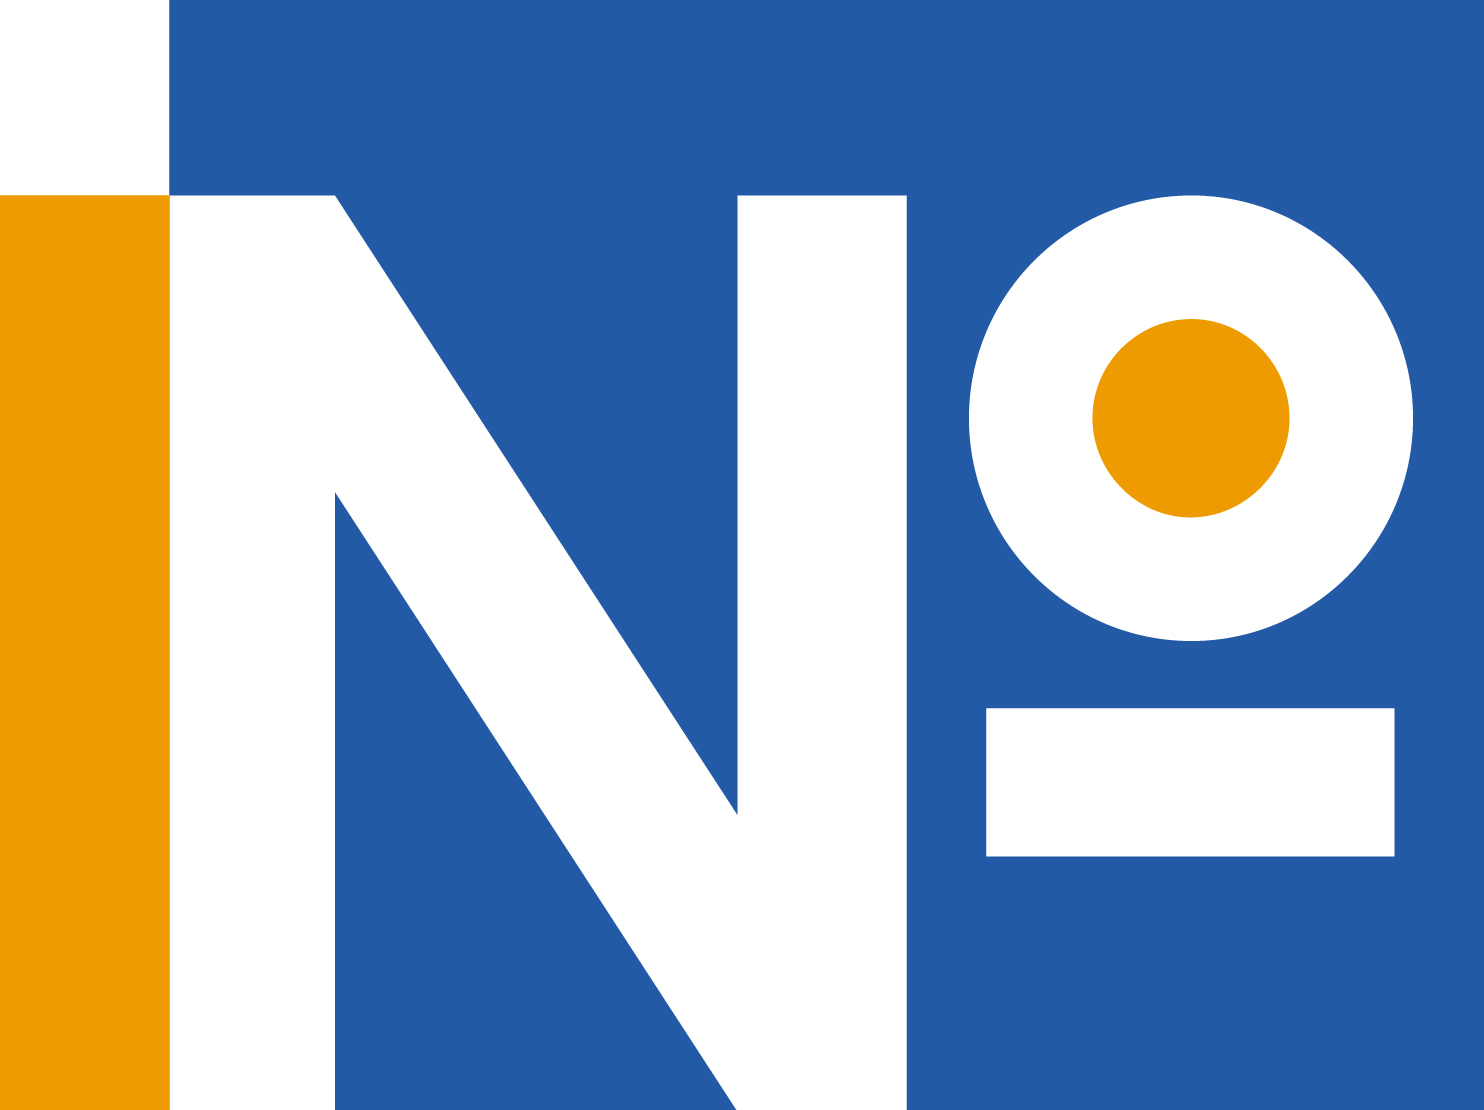 логотип компании Крымский филиал АО «Ростехинвентаризация» — Федеральное БТИ»